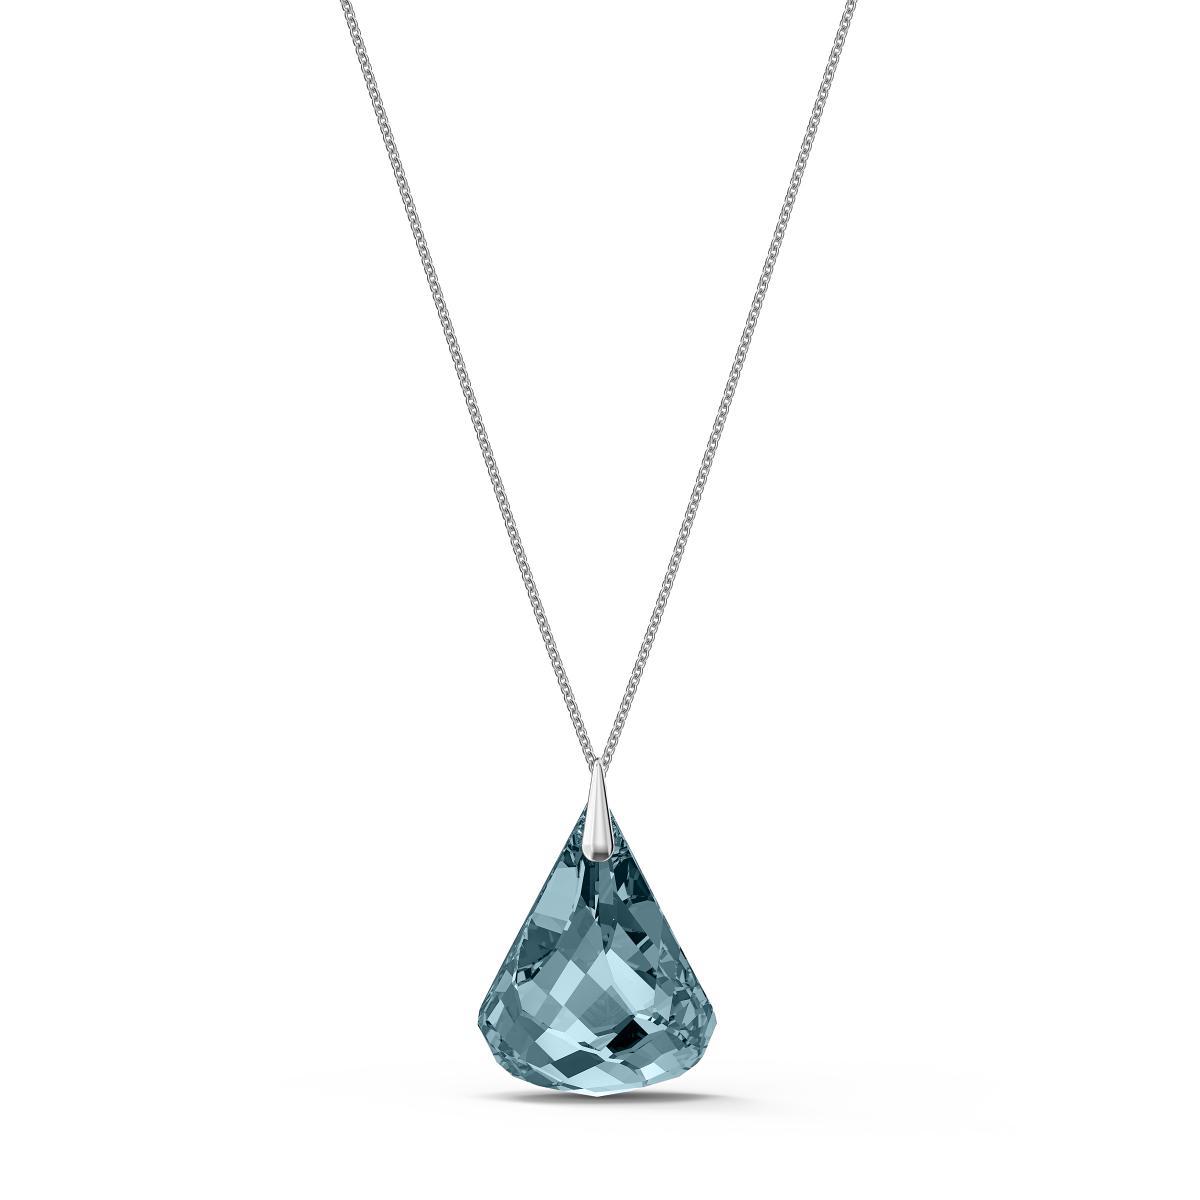 Collier Swarovski 5521034 - Collier métal blanc pierre bleue brillante Femme